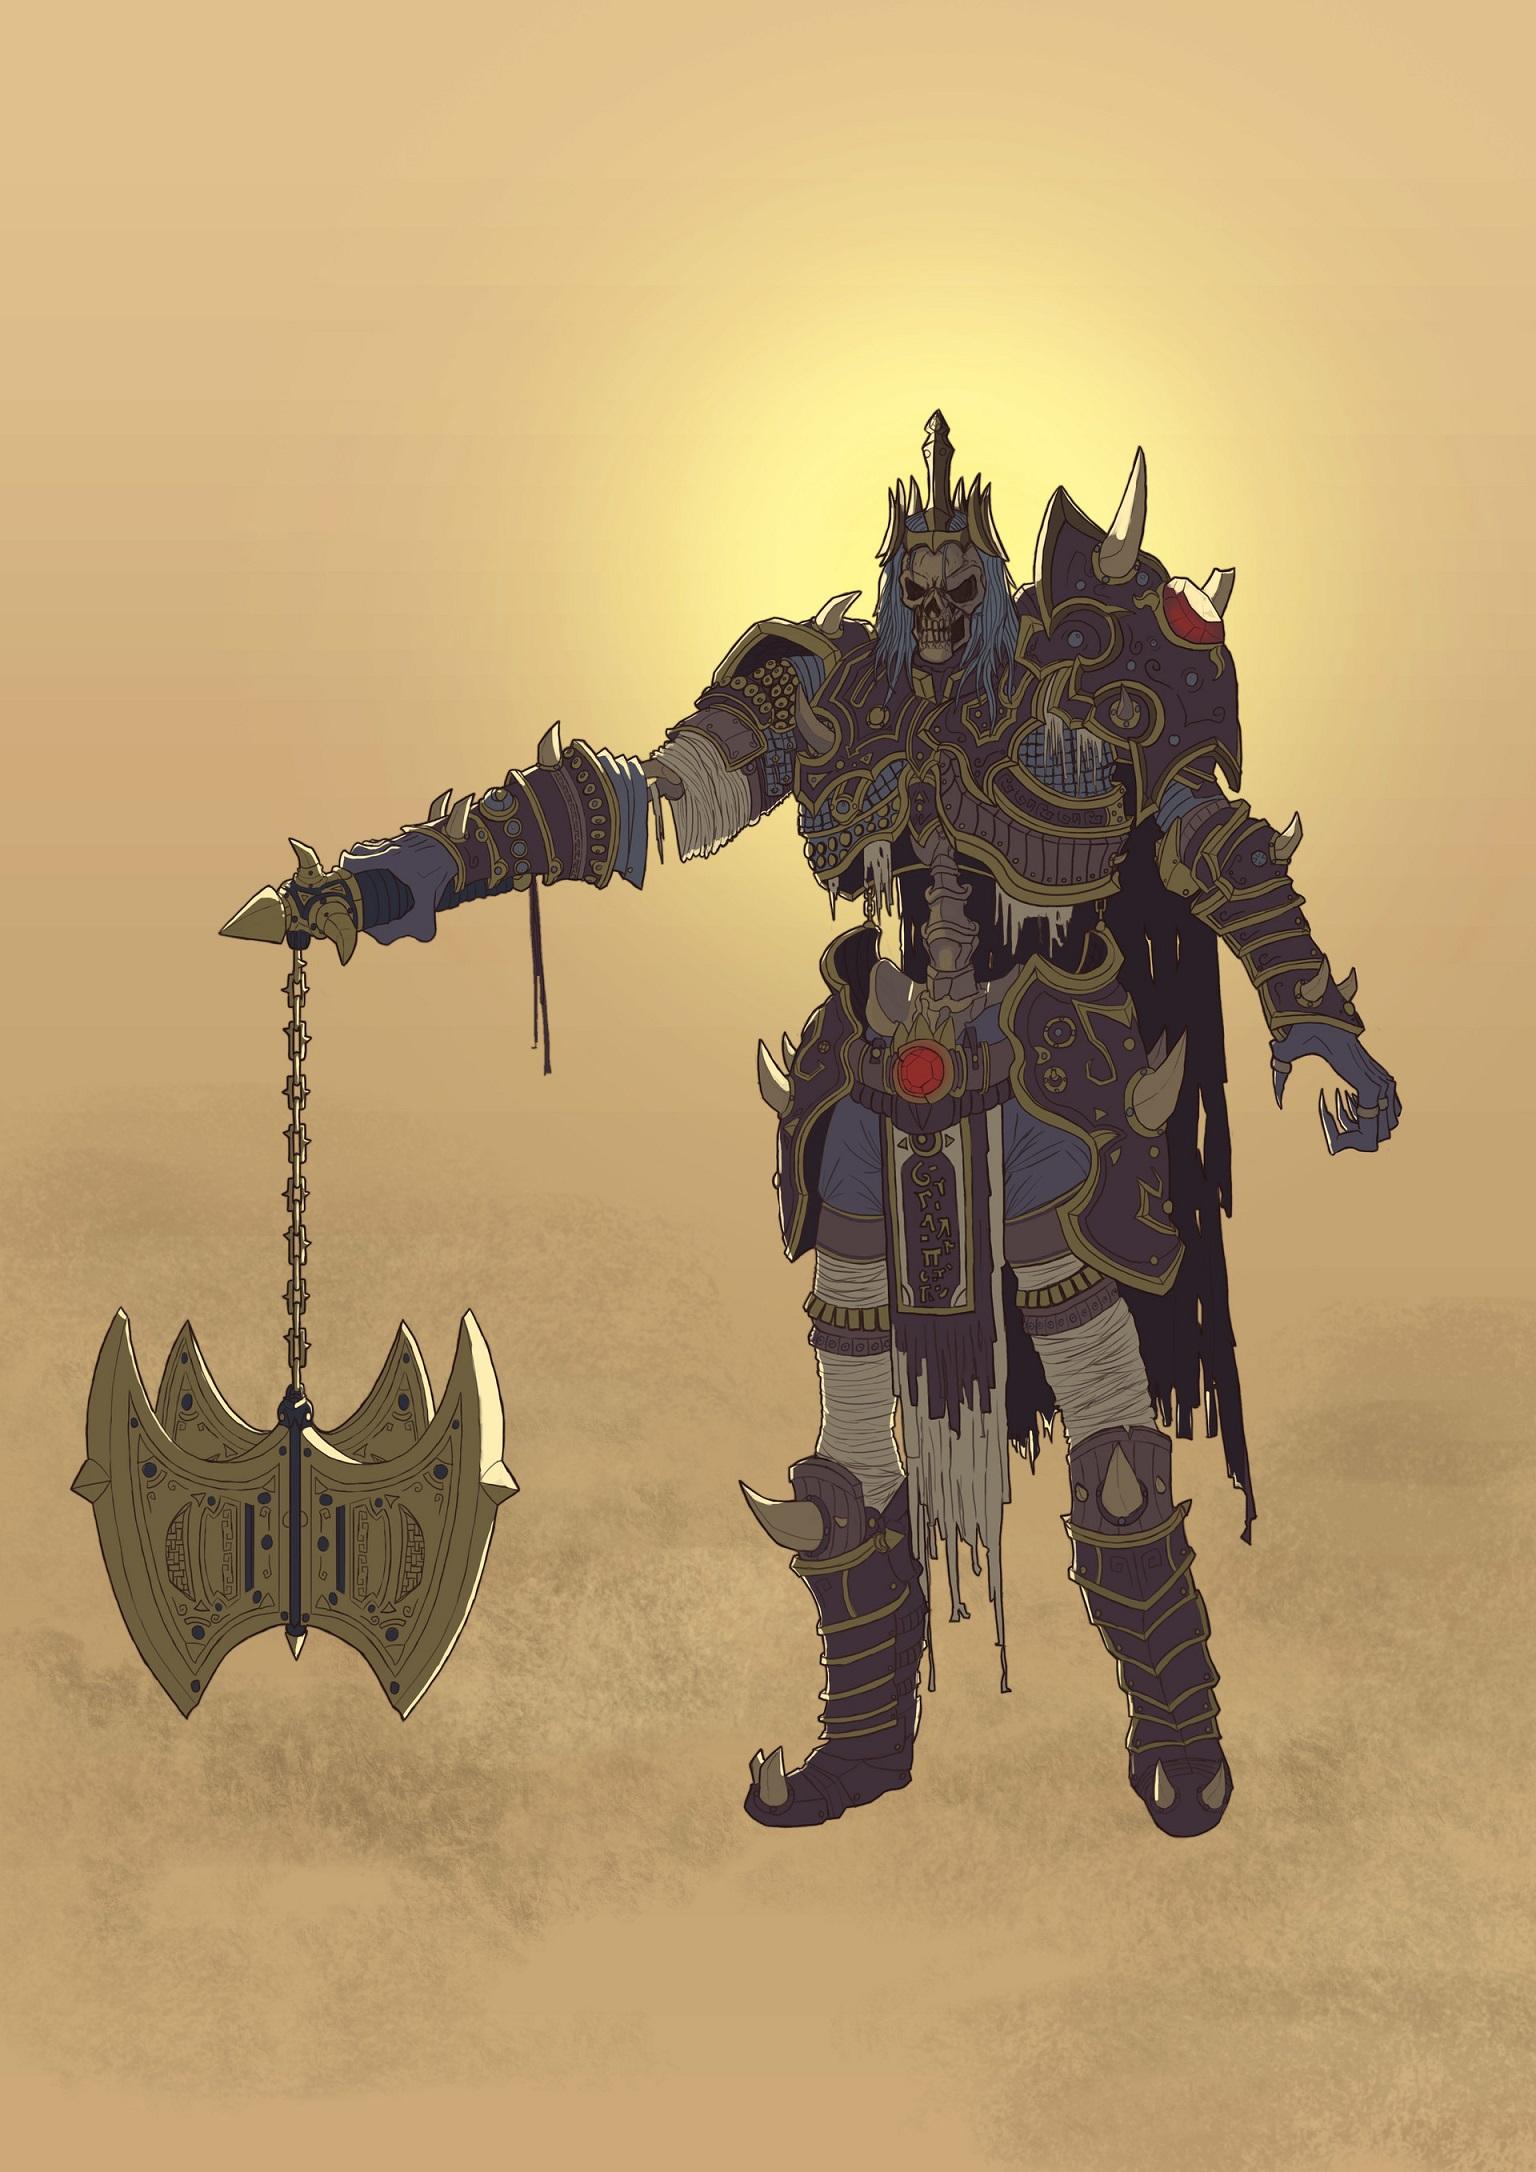 Leoric Skeleton King - Fan art